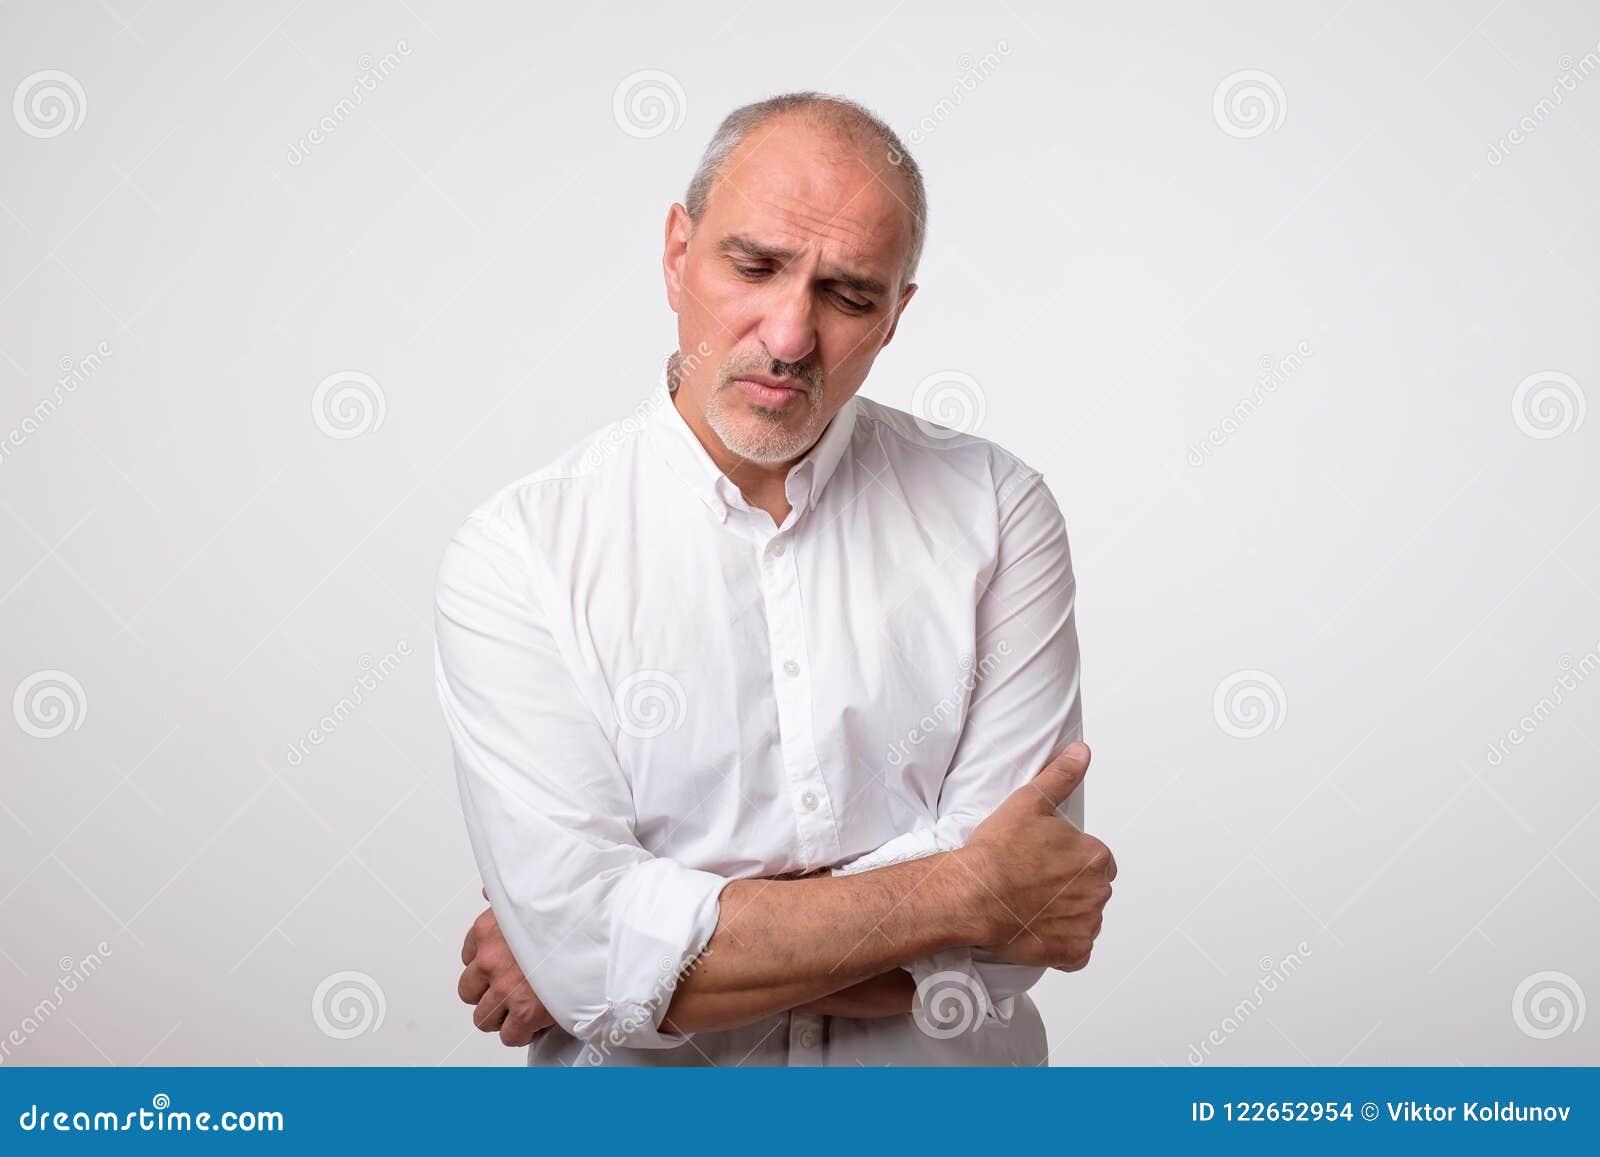 Portret dojrzały przystojny mężczyzna w białej koszula z poważnym i smutnym wyrażeniem na twarzy